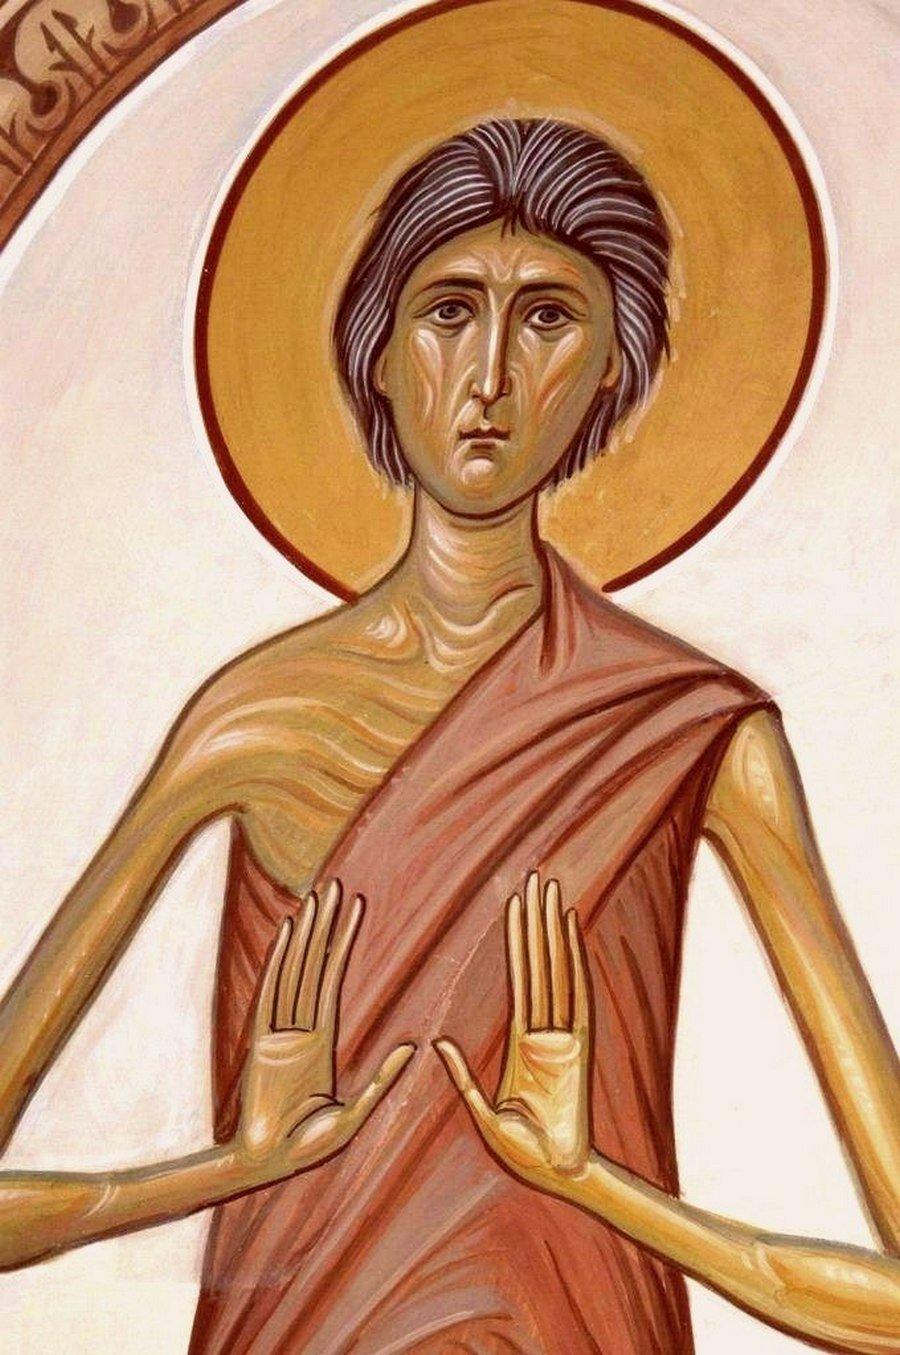 Святая Преподобная Мария Египетская. Роспись храма Преподобного Илариона Великого в Оптиной Пустыни.